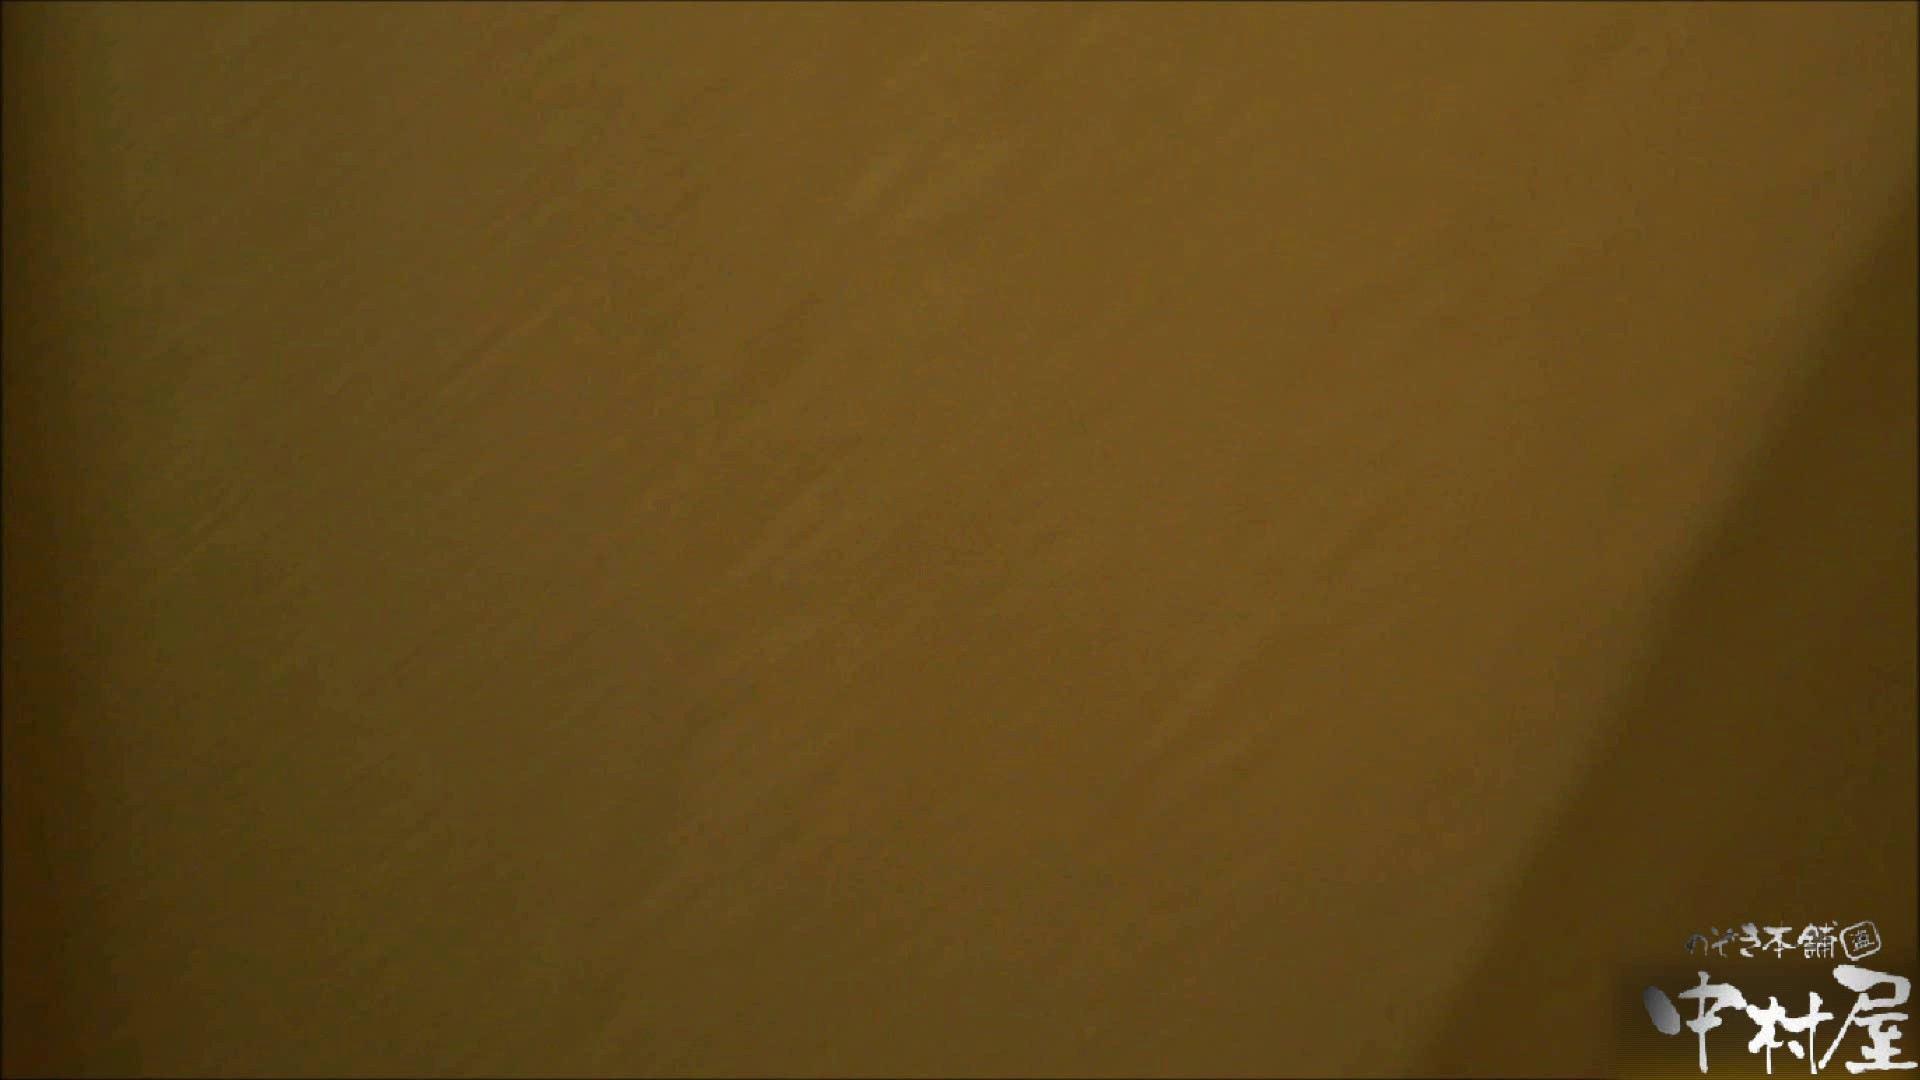 二人とも育てた甲斐がありました…vol.39【援助】鏡越しの朋葉を見ながら・・・中編 おまんこ見放題 | 盗撮シリーズ  99PIX 63